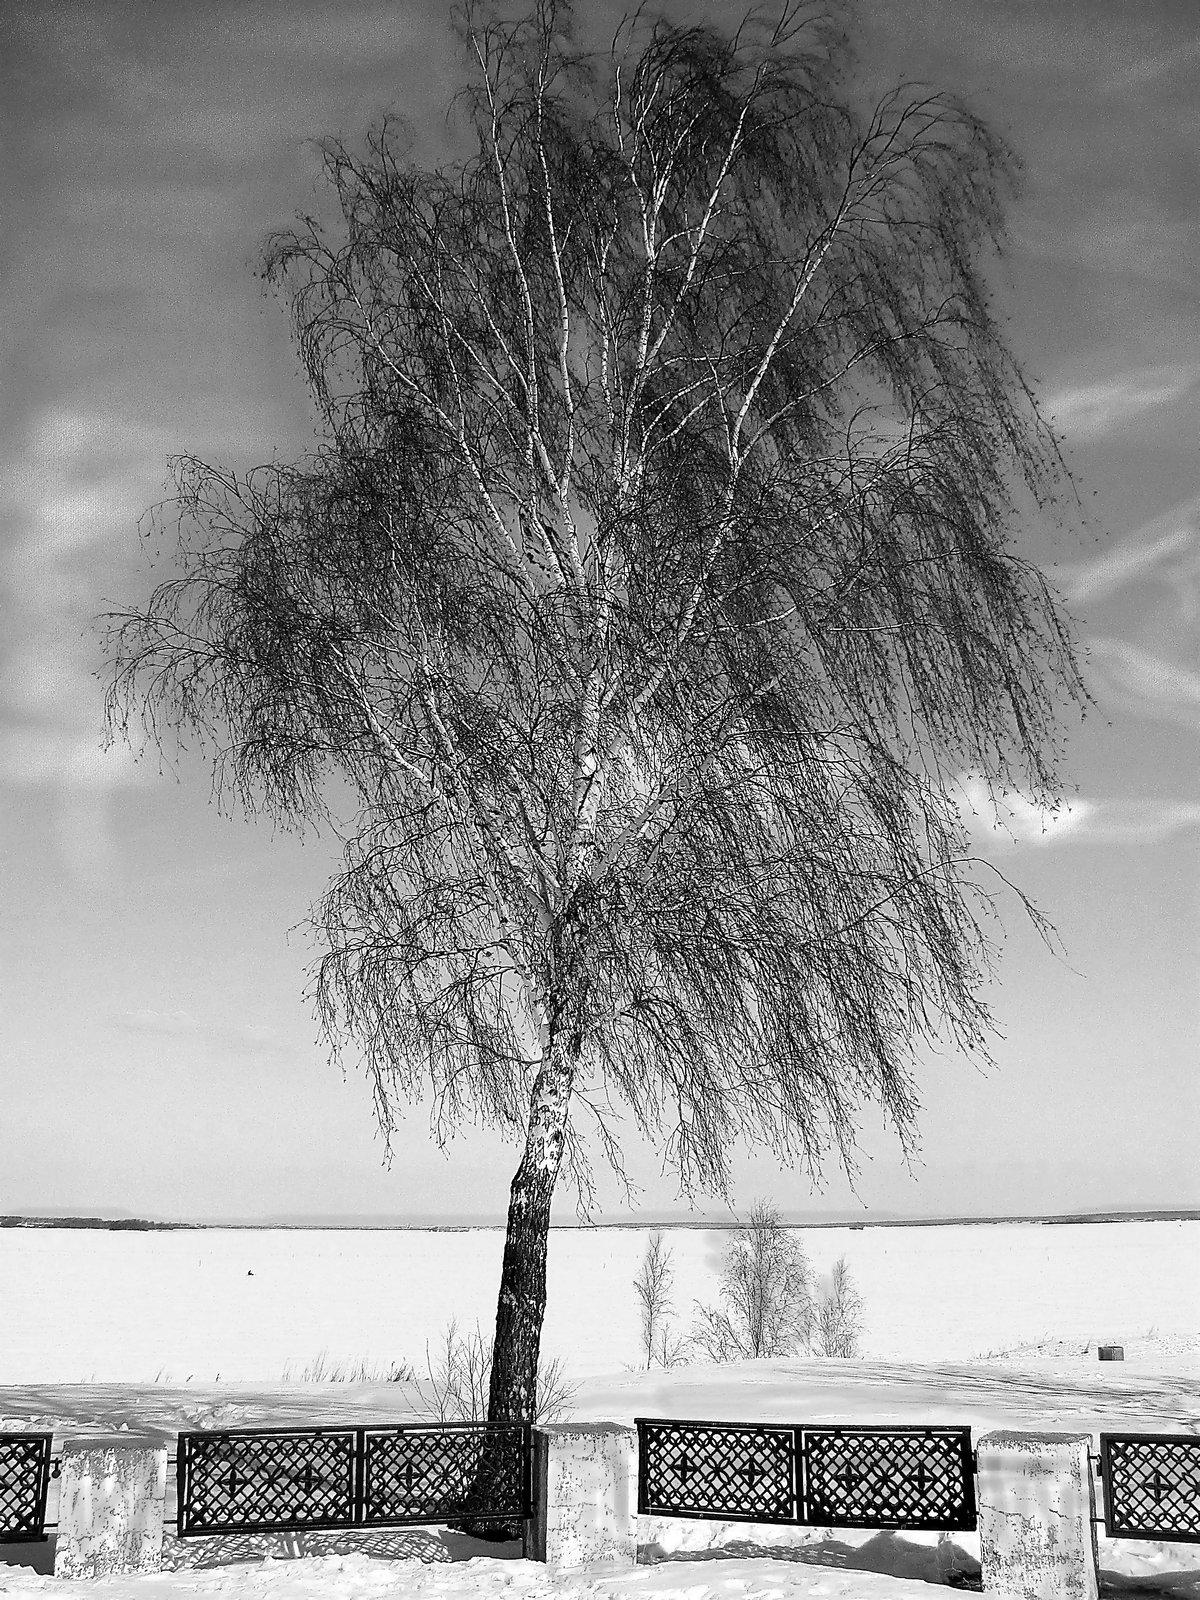 картинки как деревья гнет ветер физико-механическим